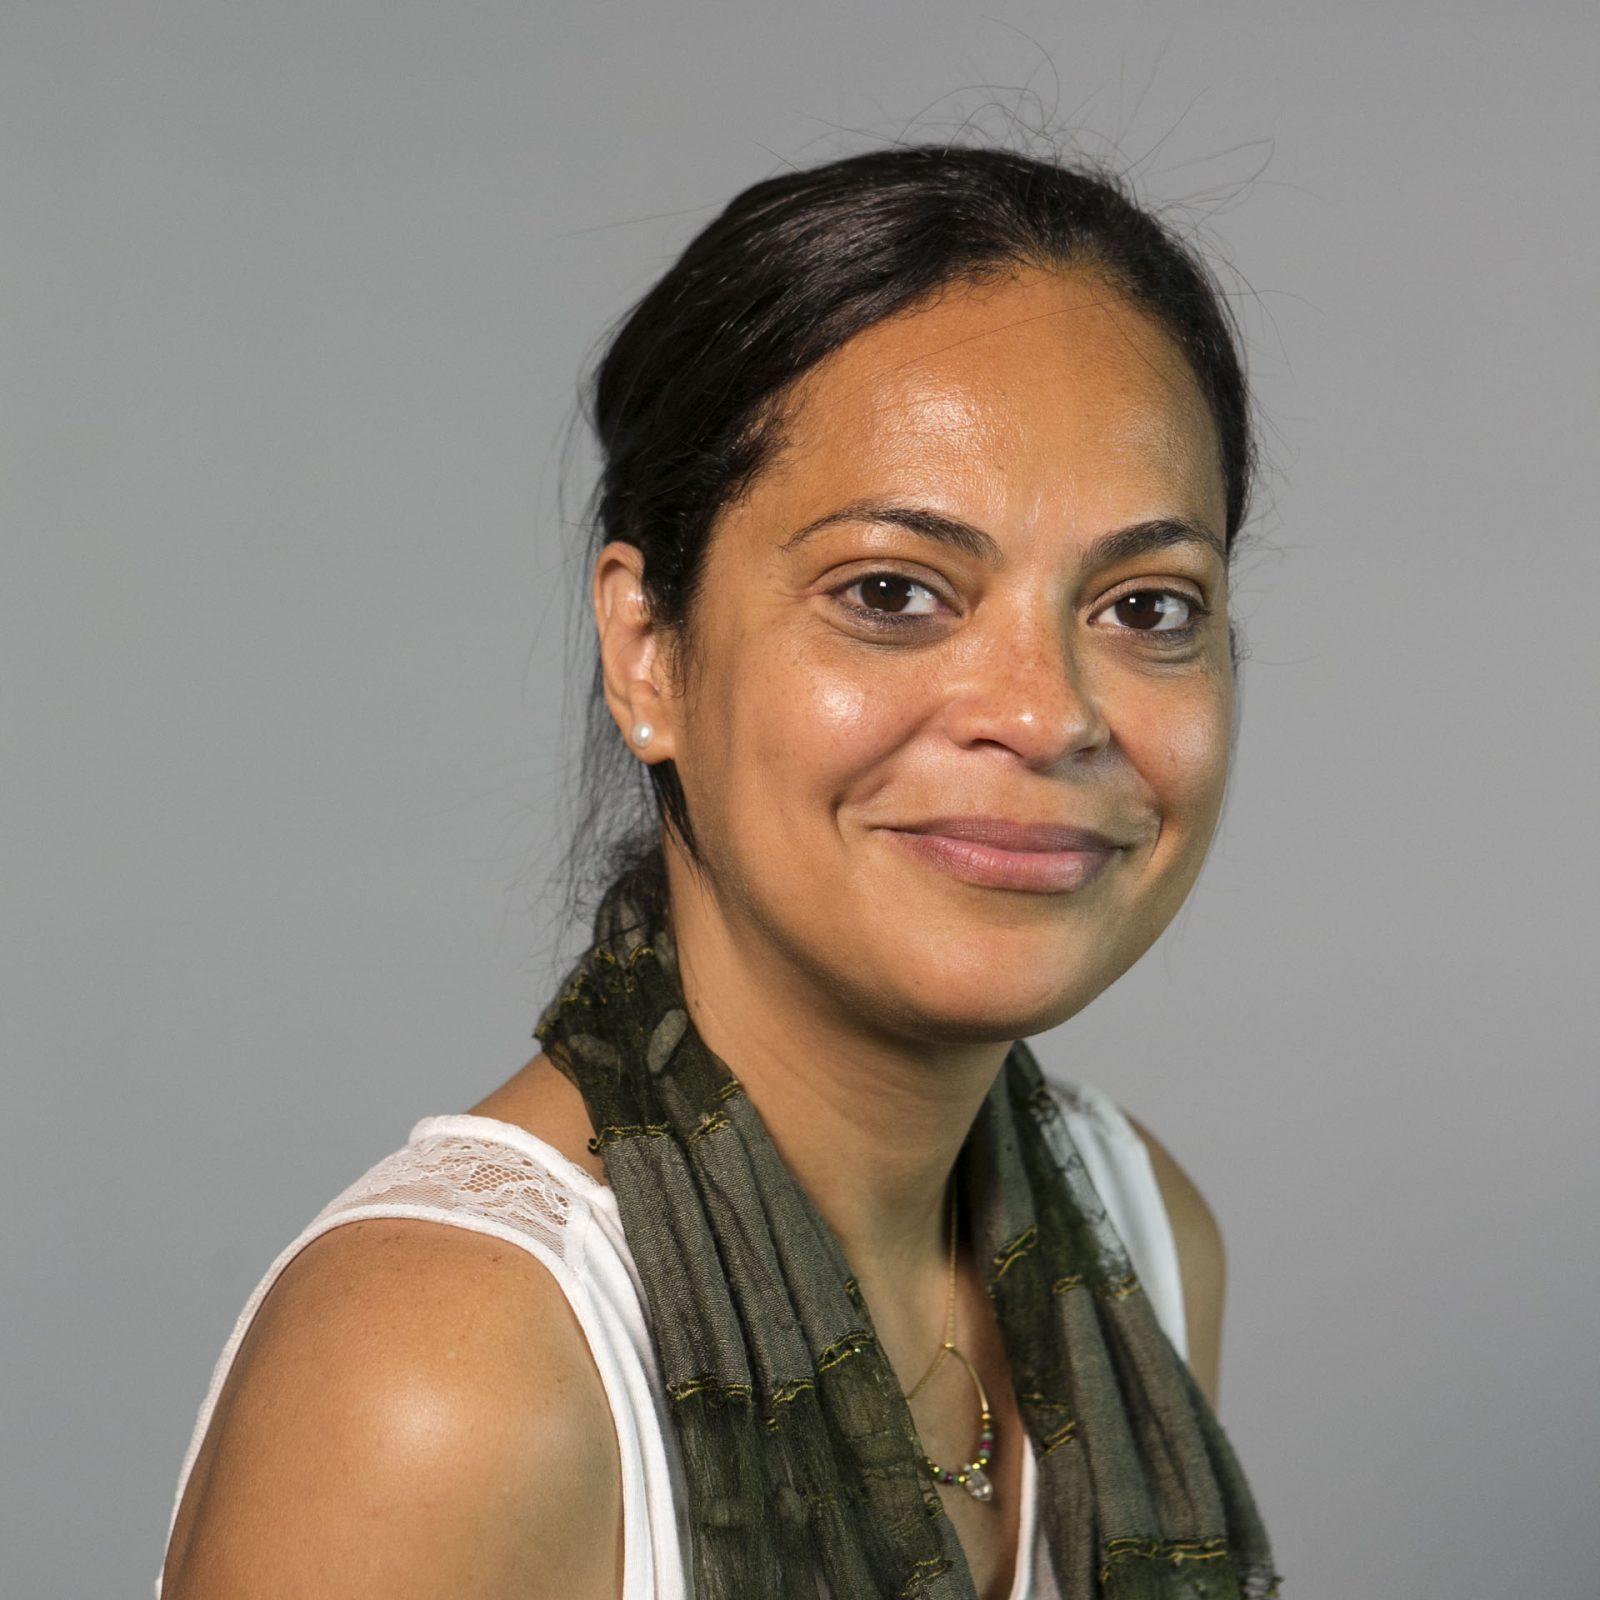 Adriana Ornellas Rios Da Silva